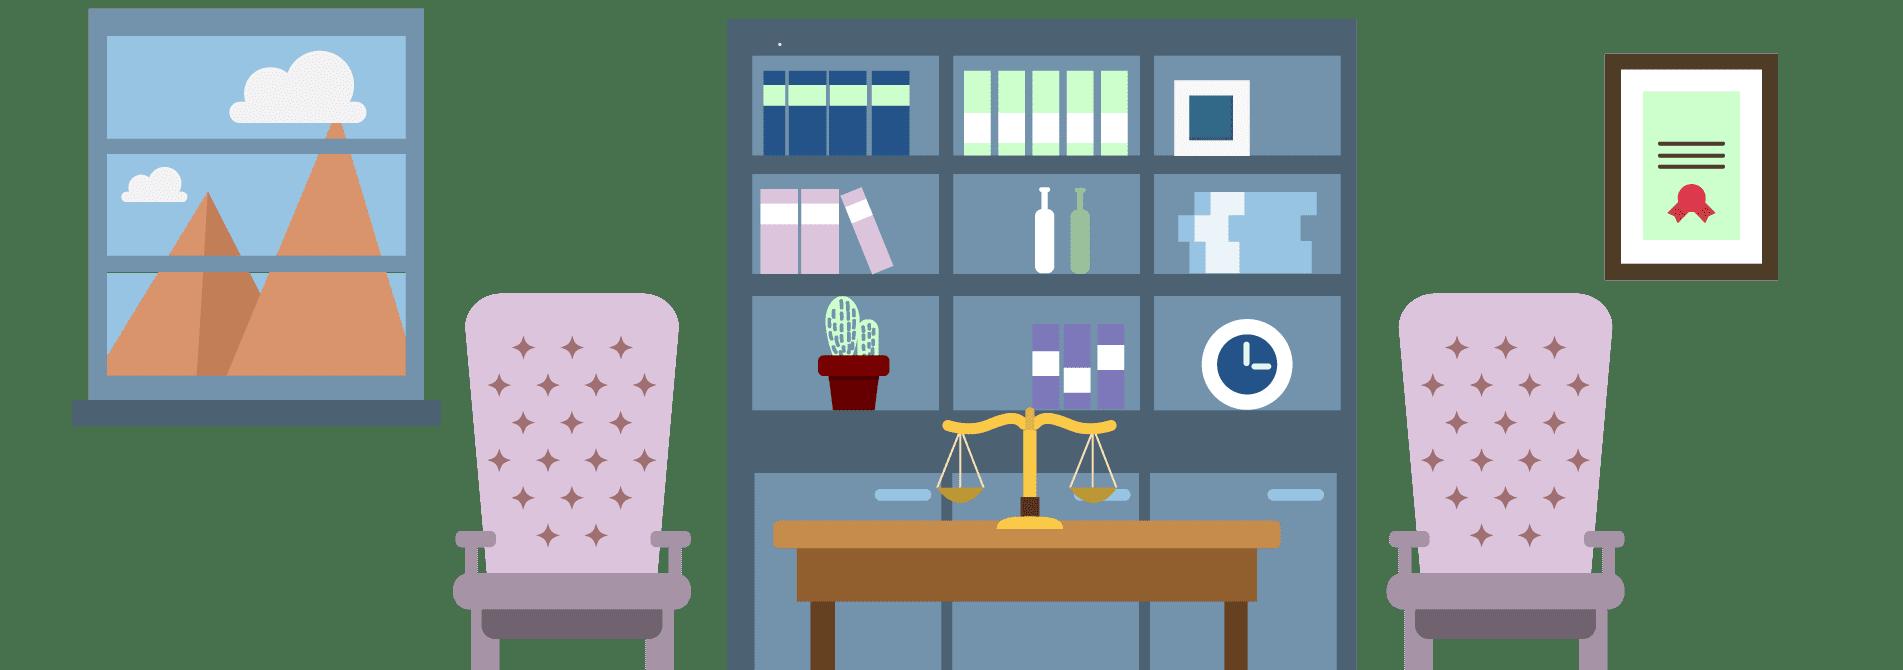 Certified divorce certificate translation - divorce decree translation